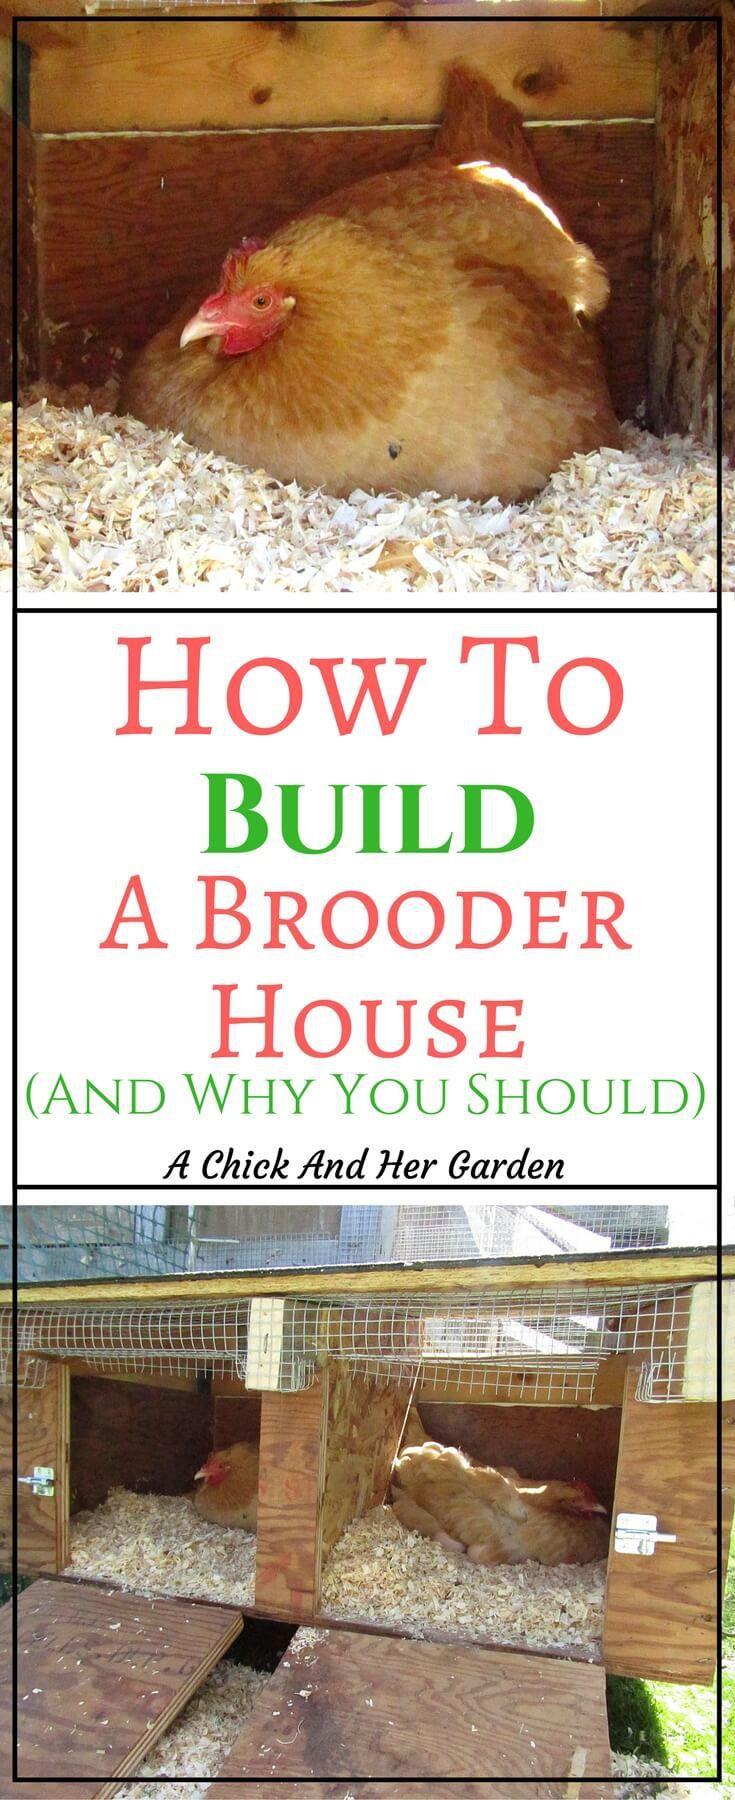 Kitchen Garden Hens 17 Best Ideas About Hens On Pinterest Chicken Breeds Chicken